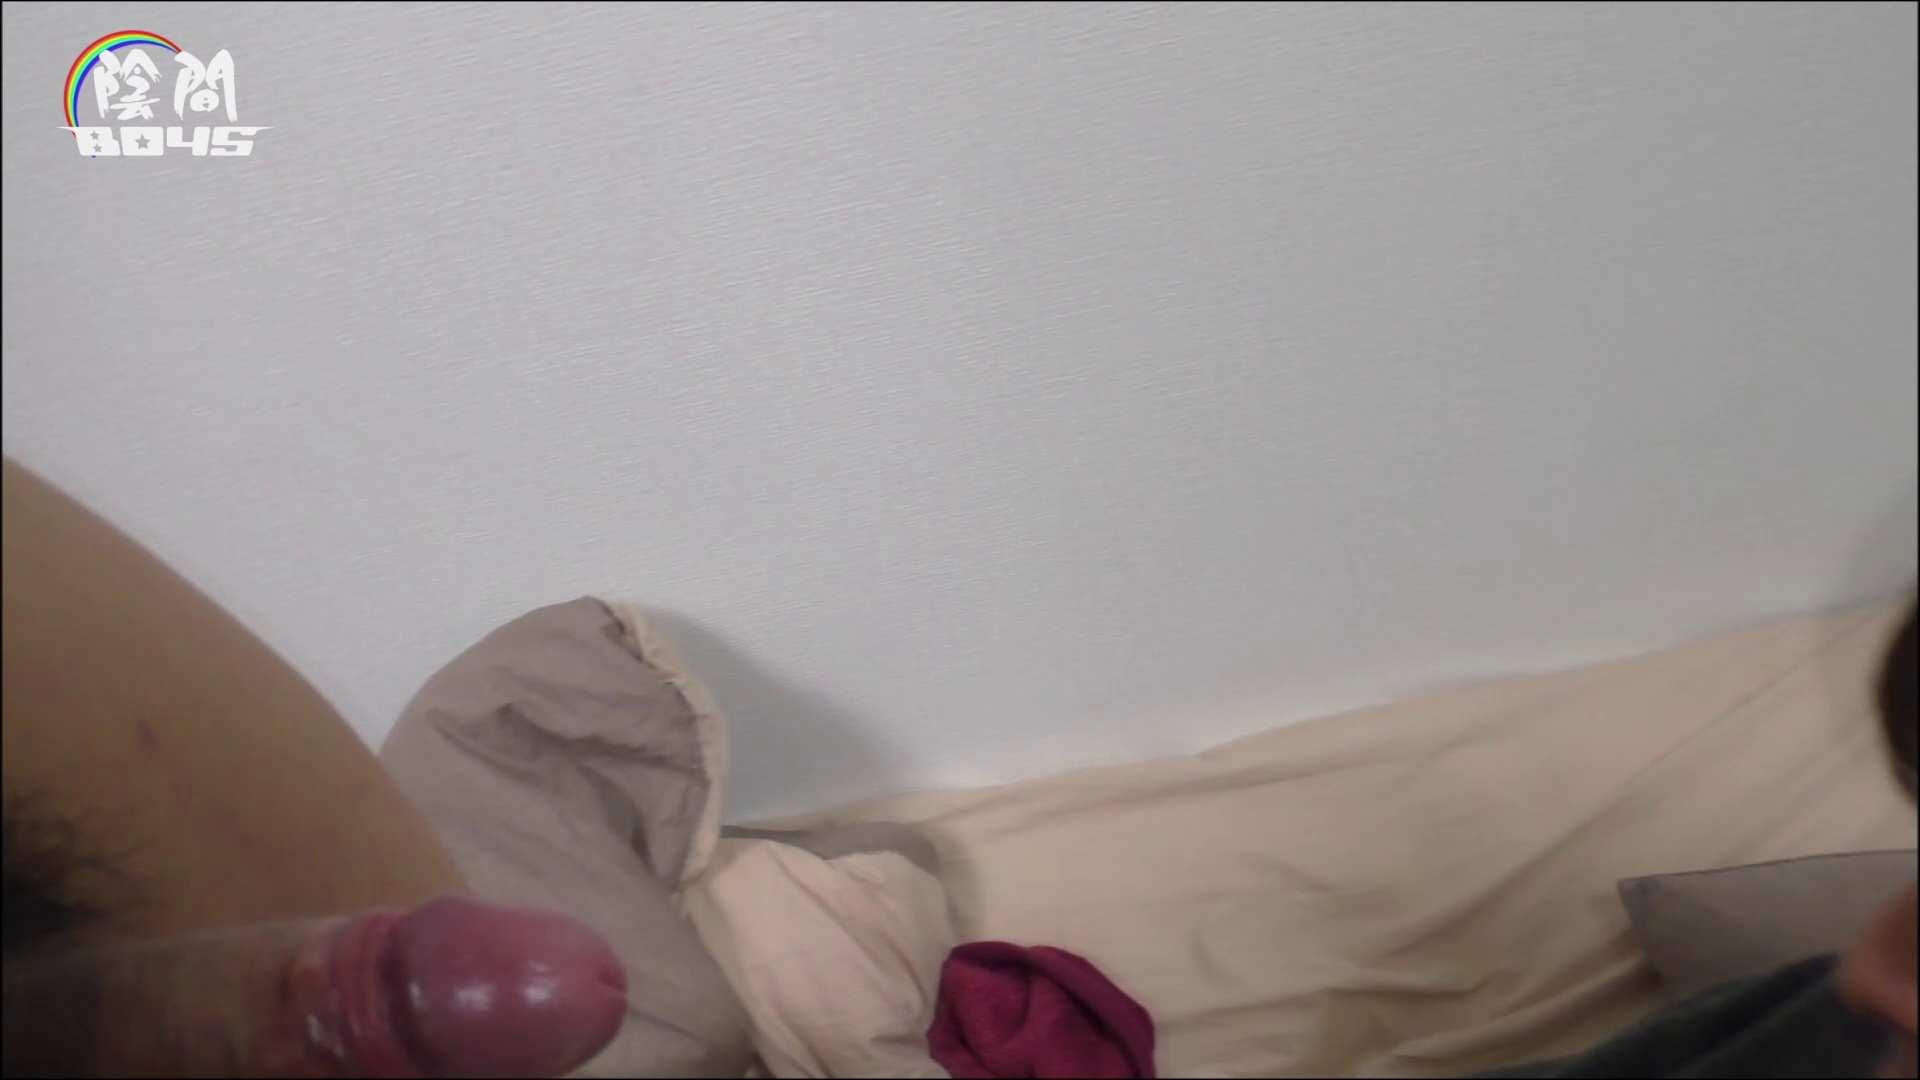 アナルは決して眠らない No.05 ザーメン ゲイヌード画像 82pic 19